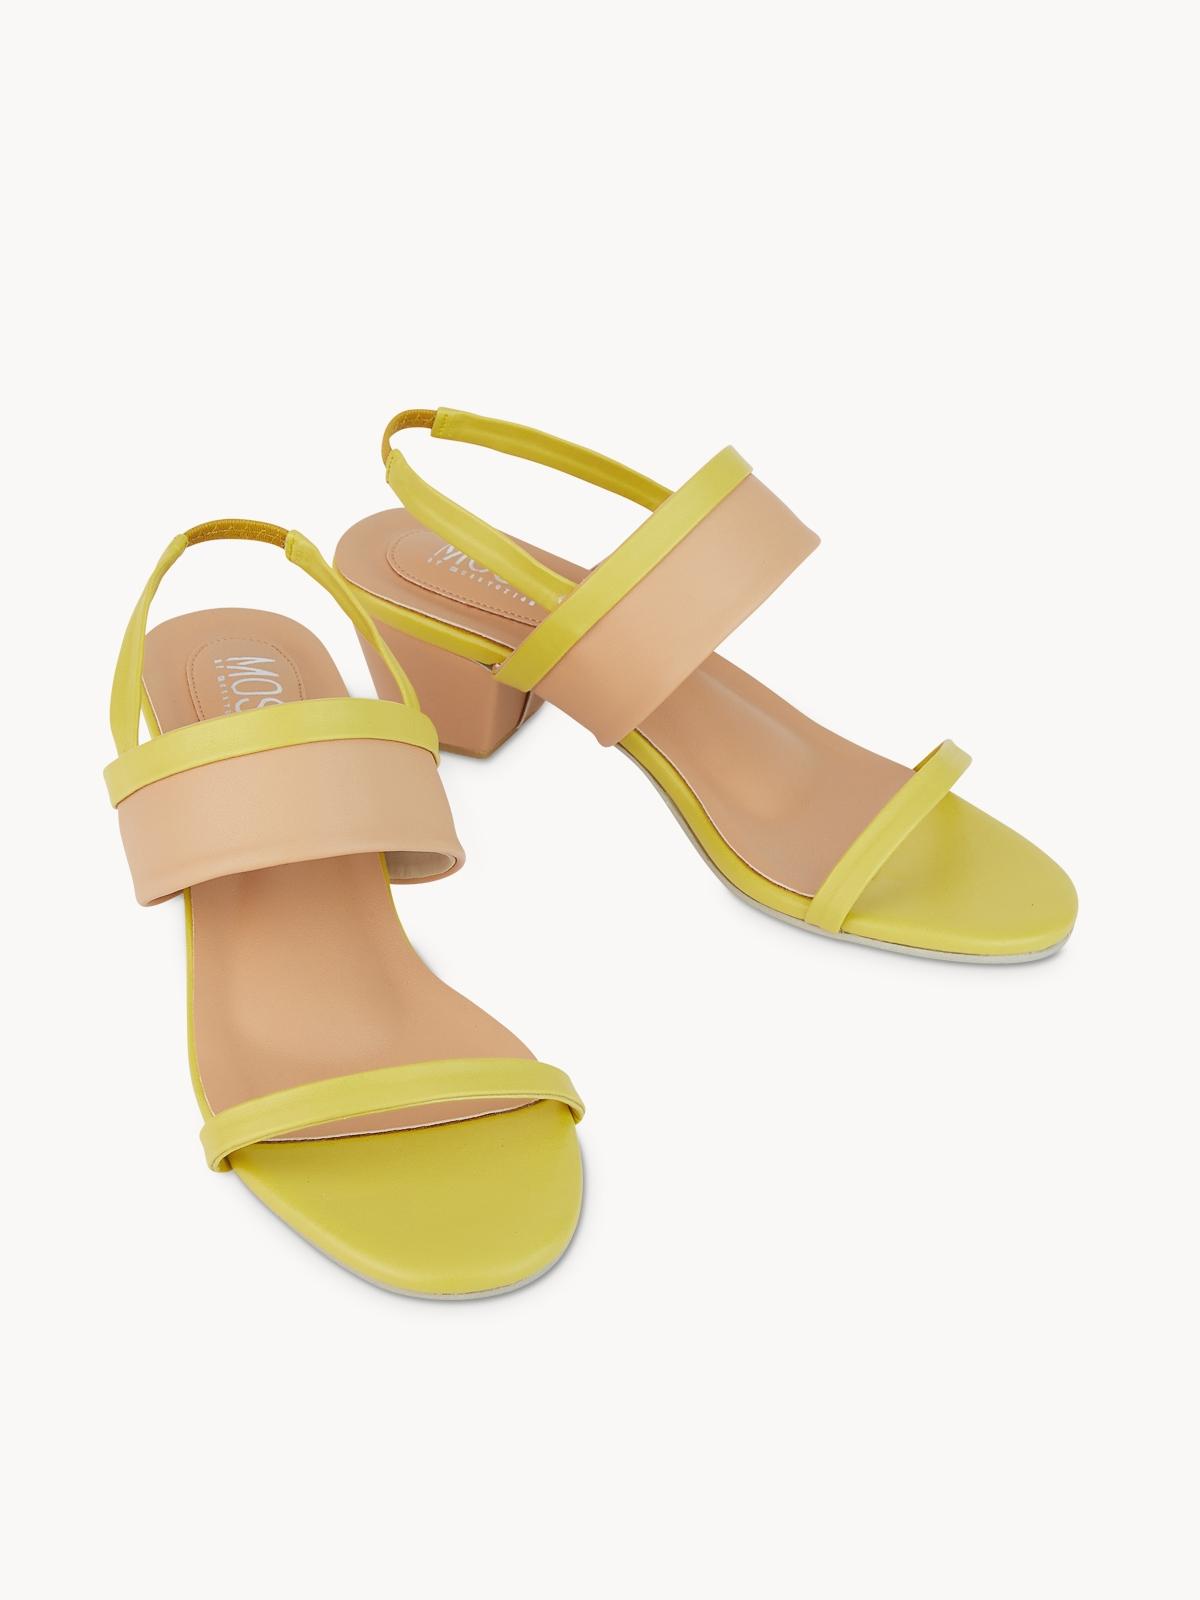 Mosstories Low Block Sandal Heels Yellow